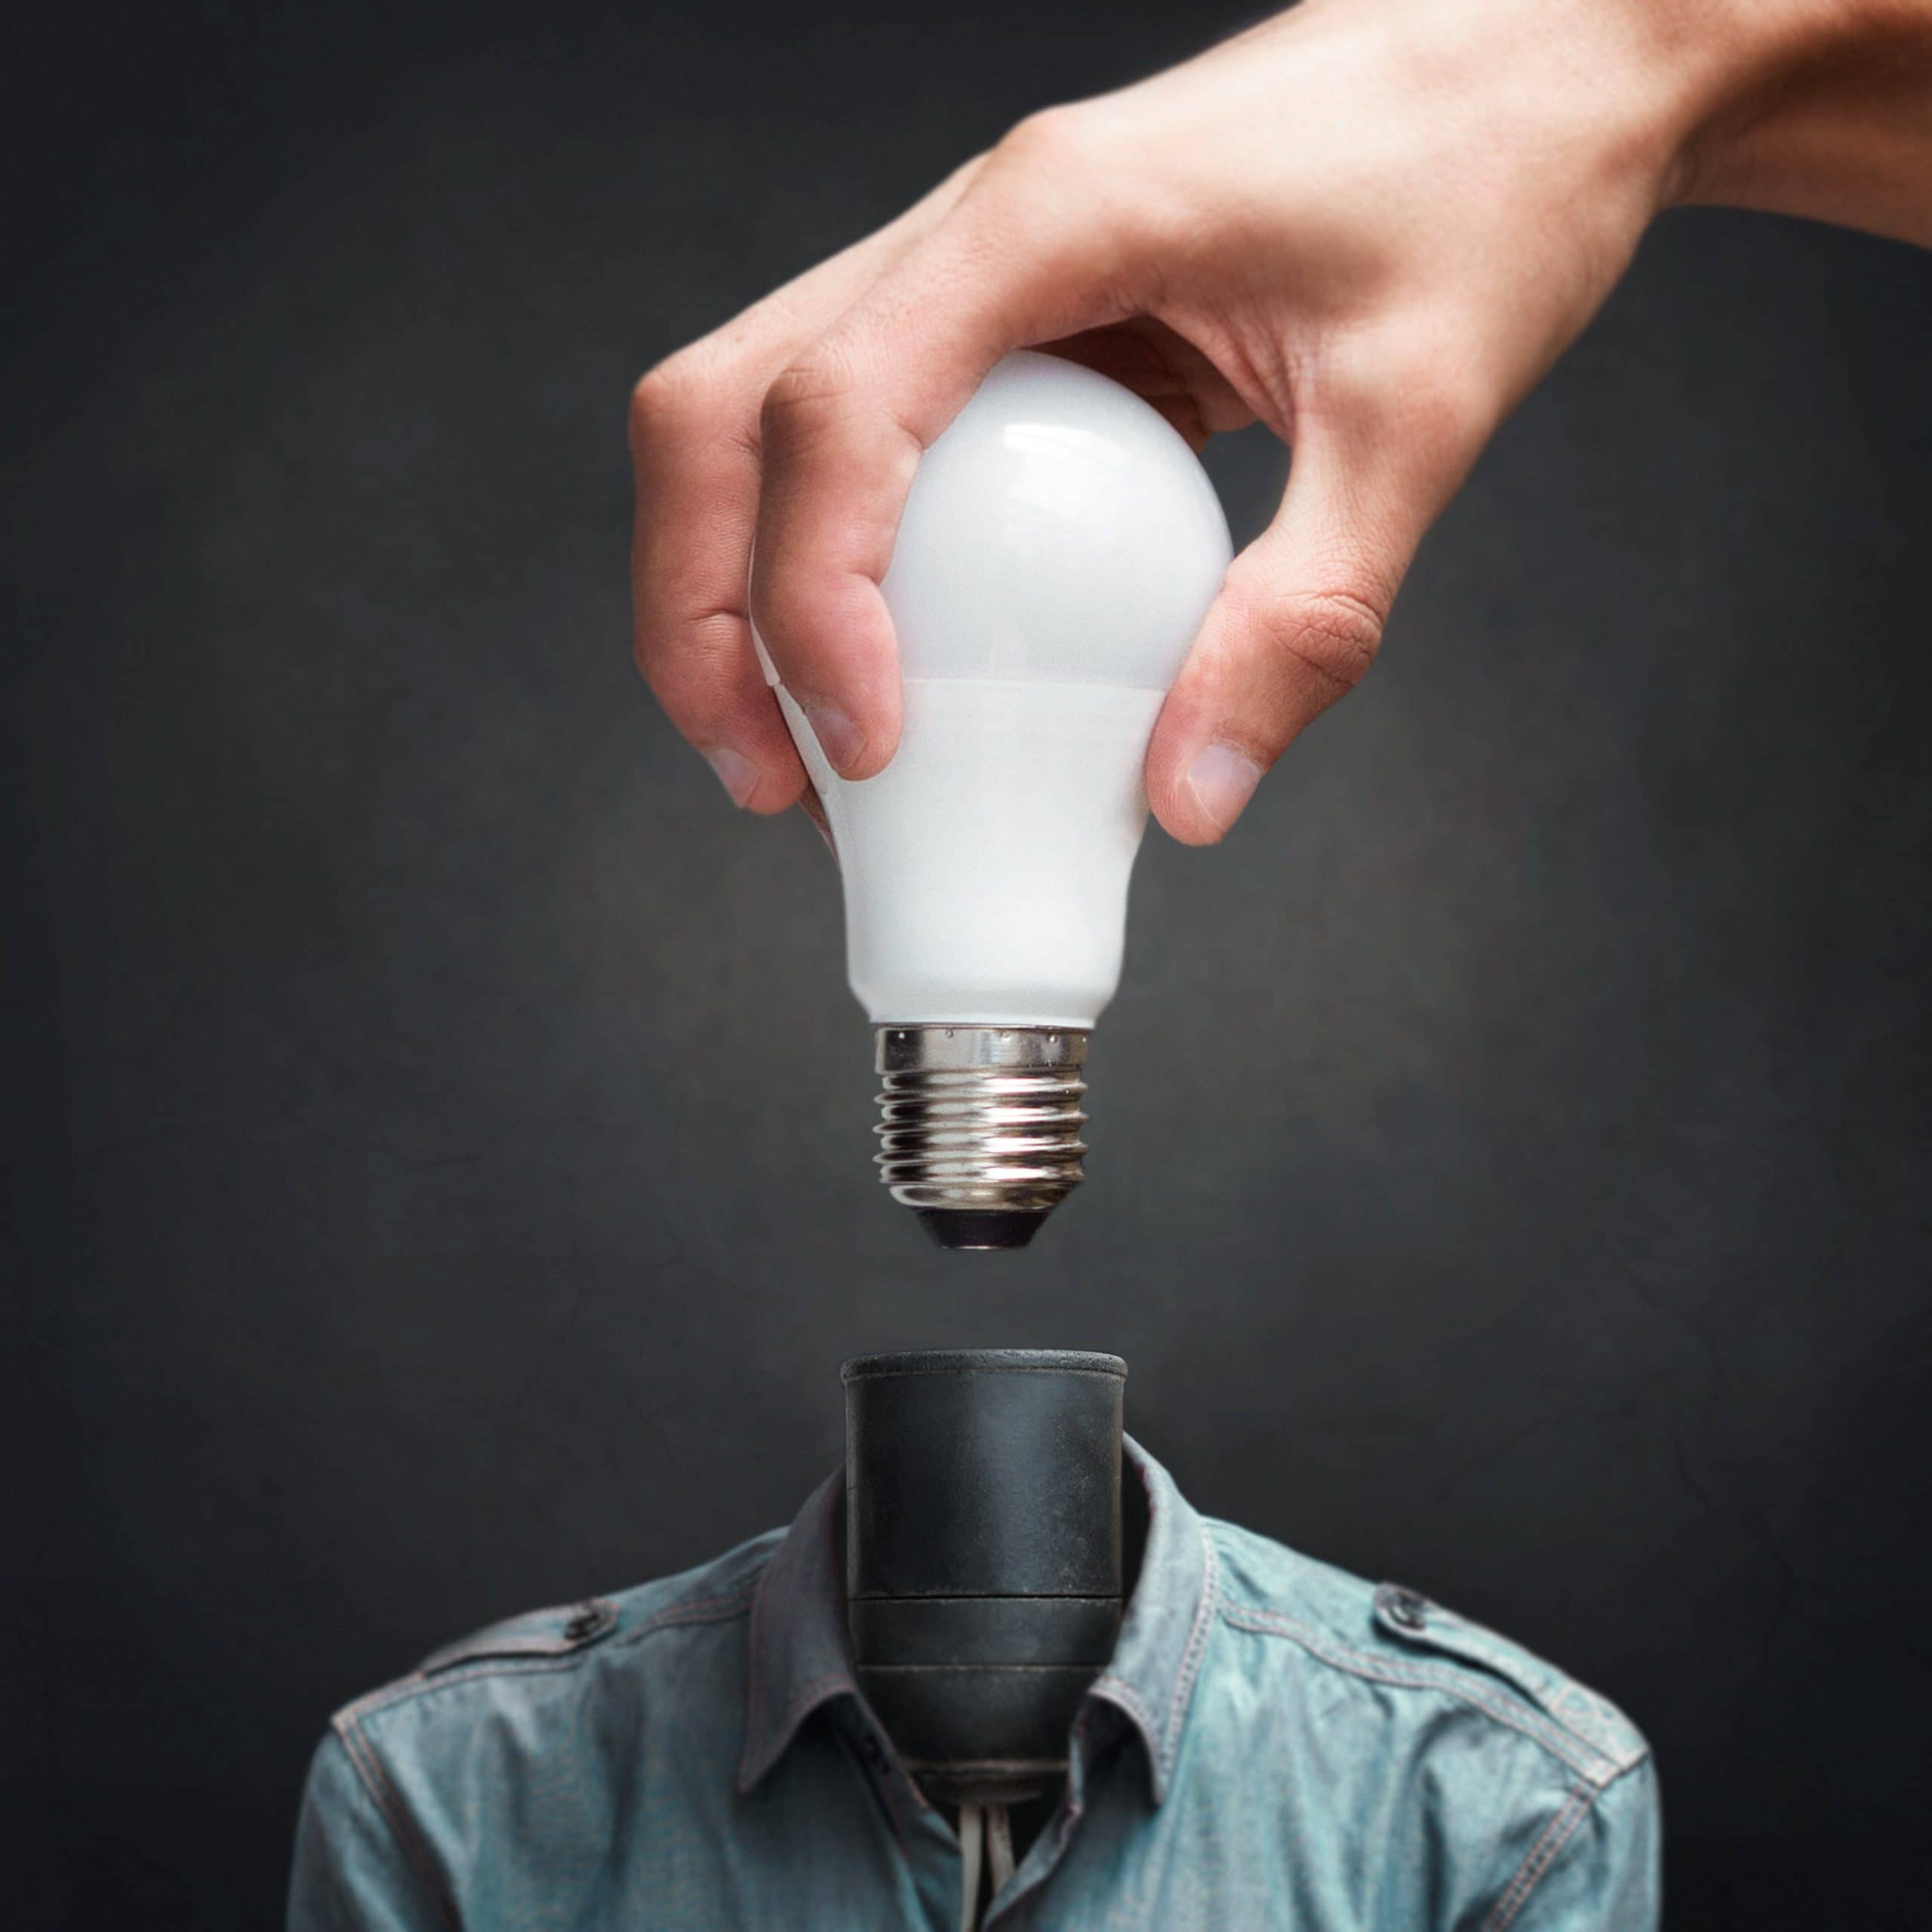 Mão encaixando uma lâmpada no lugar da cabeça.